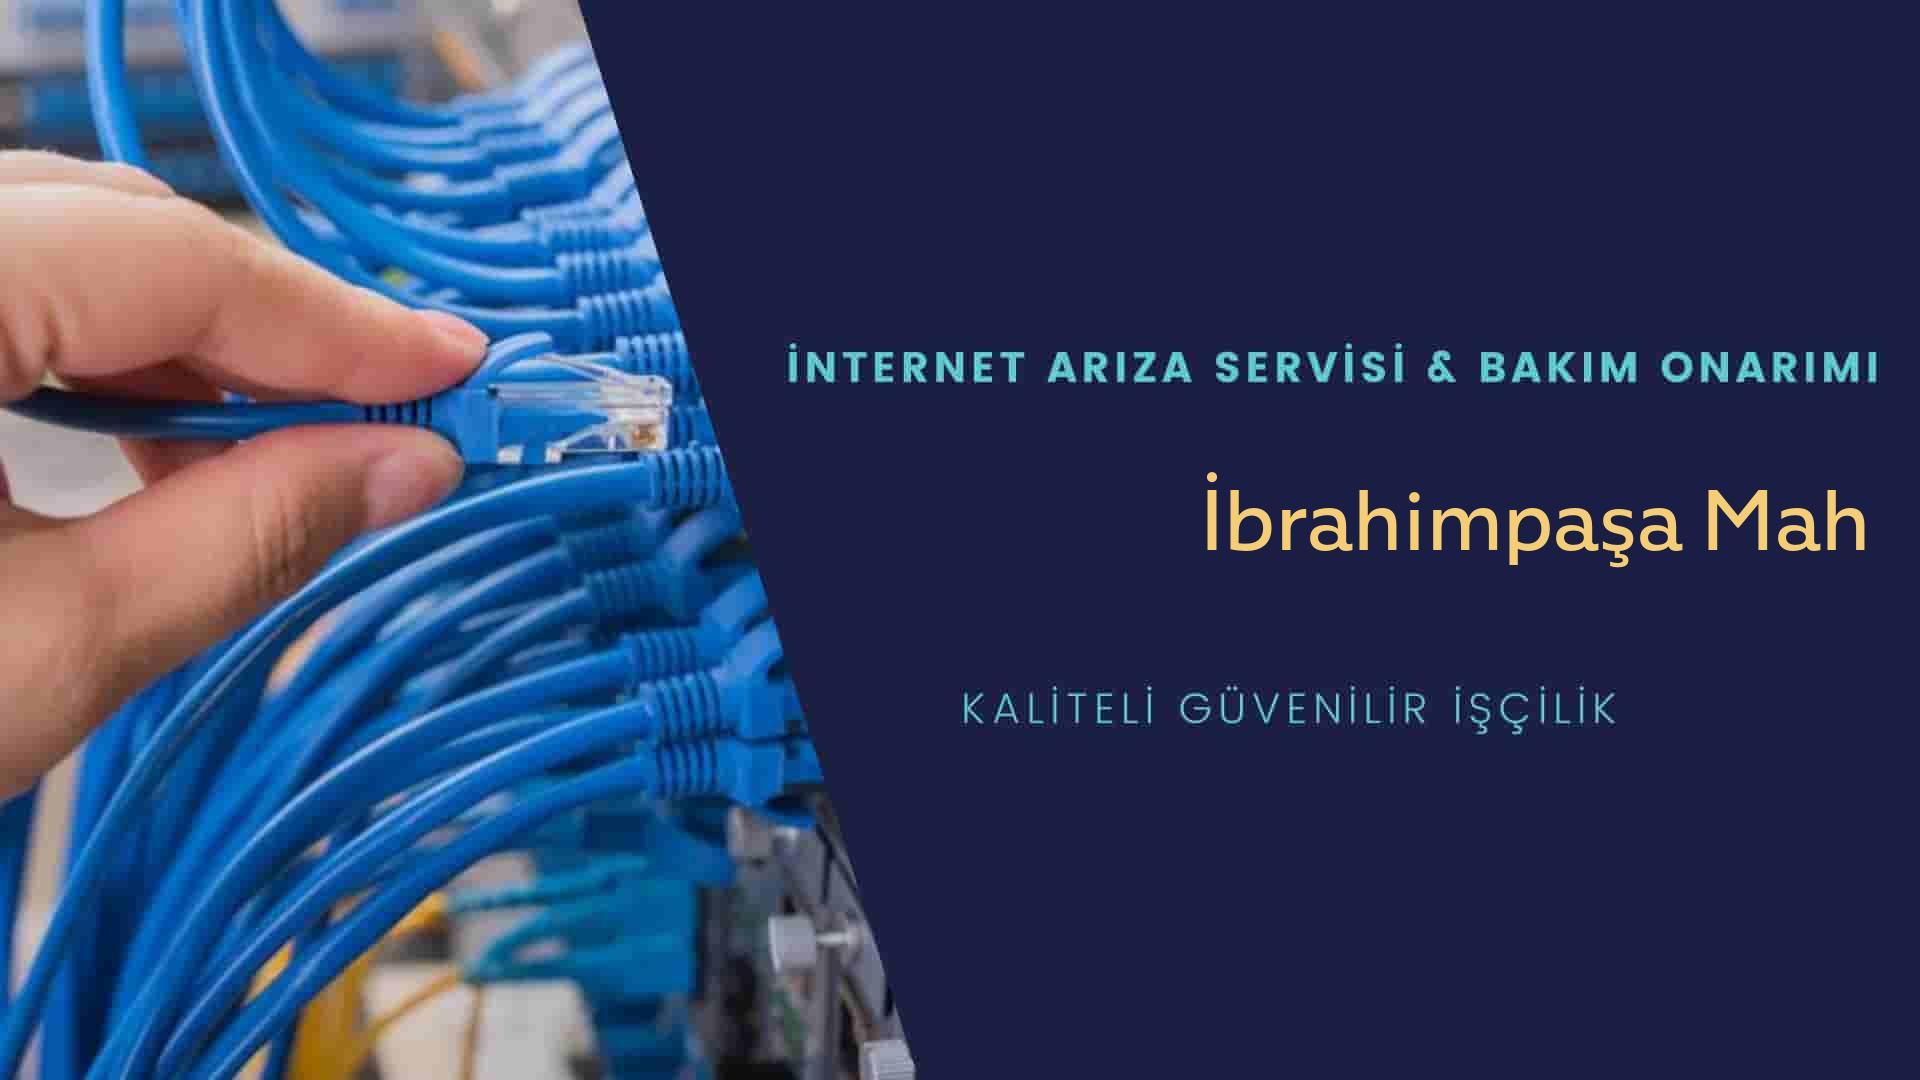 İbrahimpaşa Mah internet kablosu çekimi yapan yerler veya elektrikçiler mi? arıyorsunuz doğru yerdesiniz o zaman sizlere 7/24 yardımcı olacak profesyonel ustalarımız bir telefon kadar yakındır size.